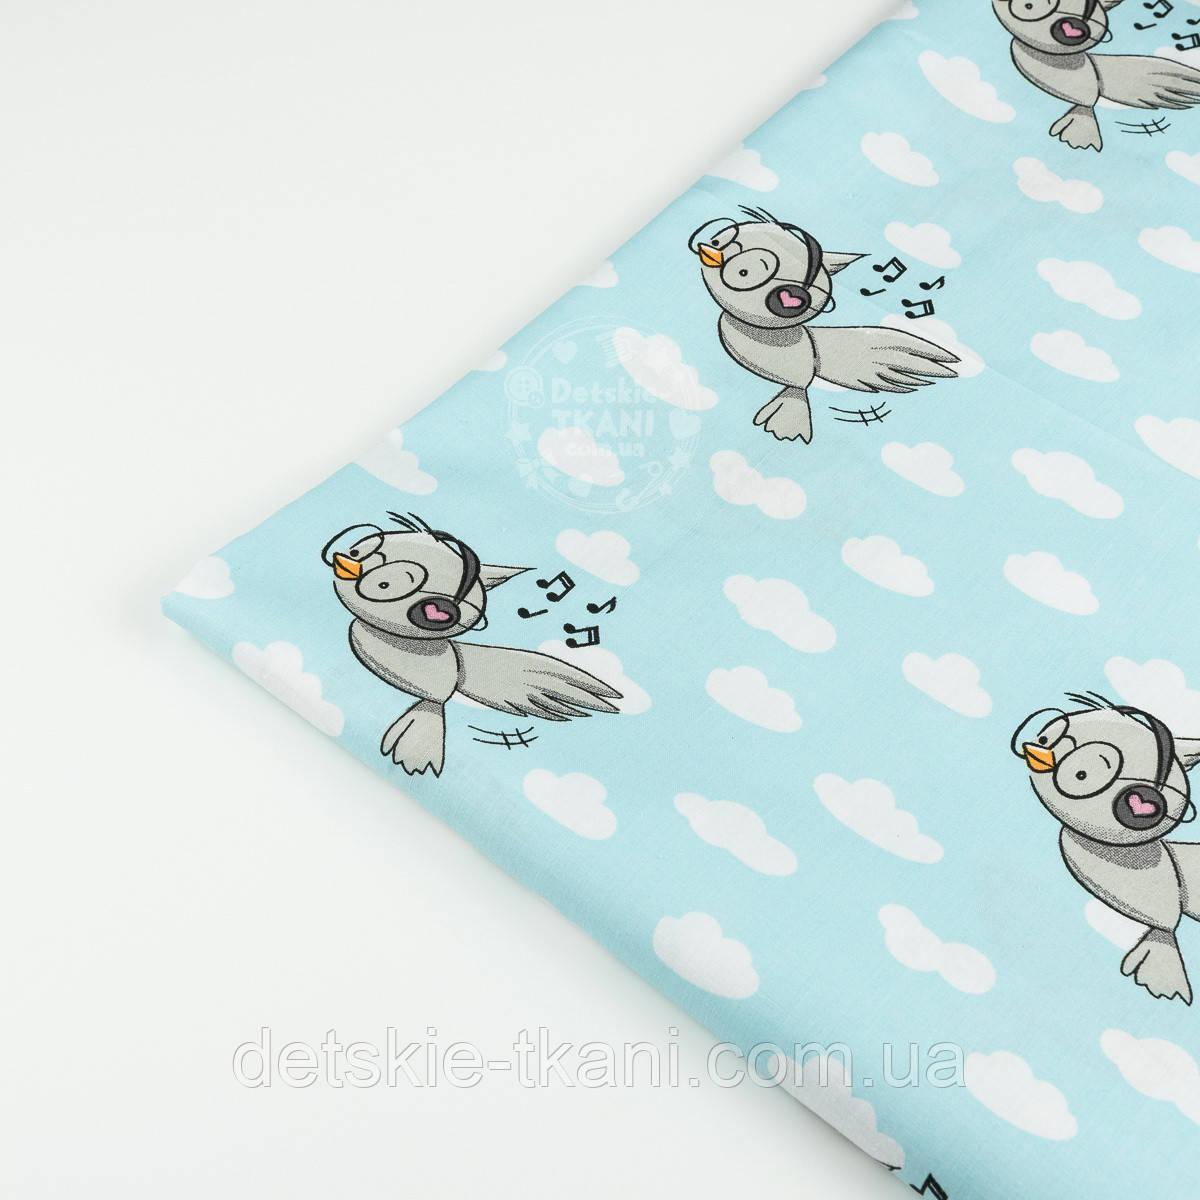 """Лоскут ткани """"Птички в наушниках"""" на светло-бирюзовом фоне, №1426а, размер 36*78 см"""